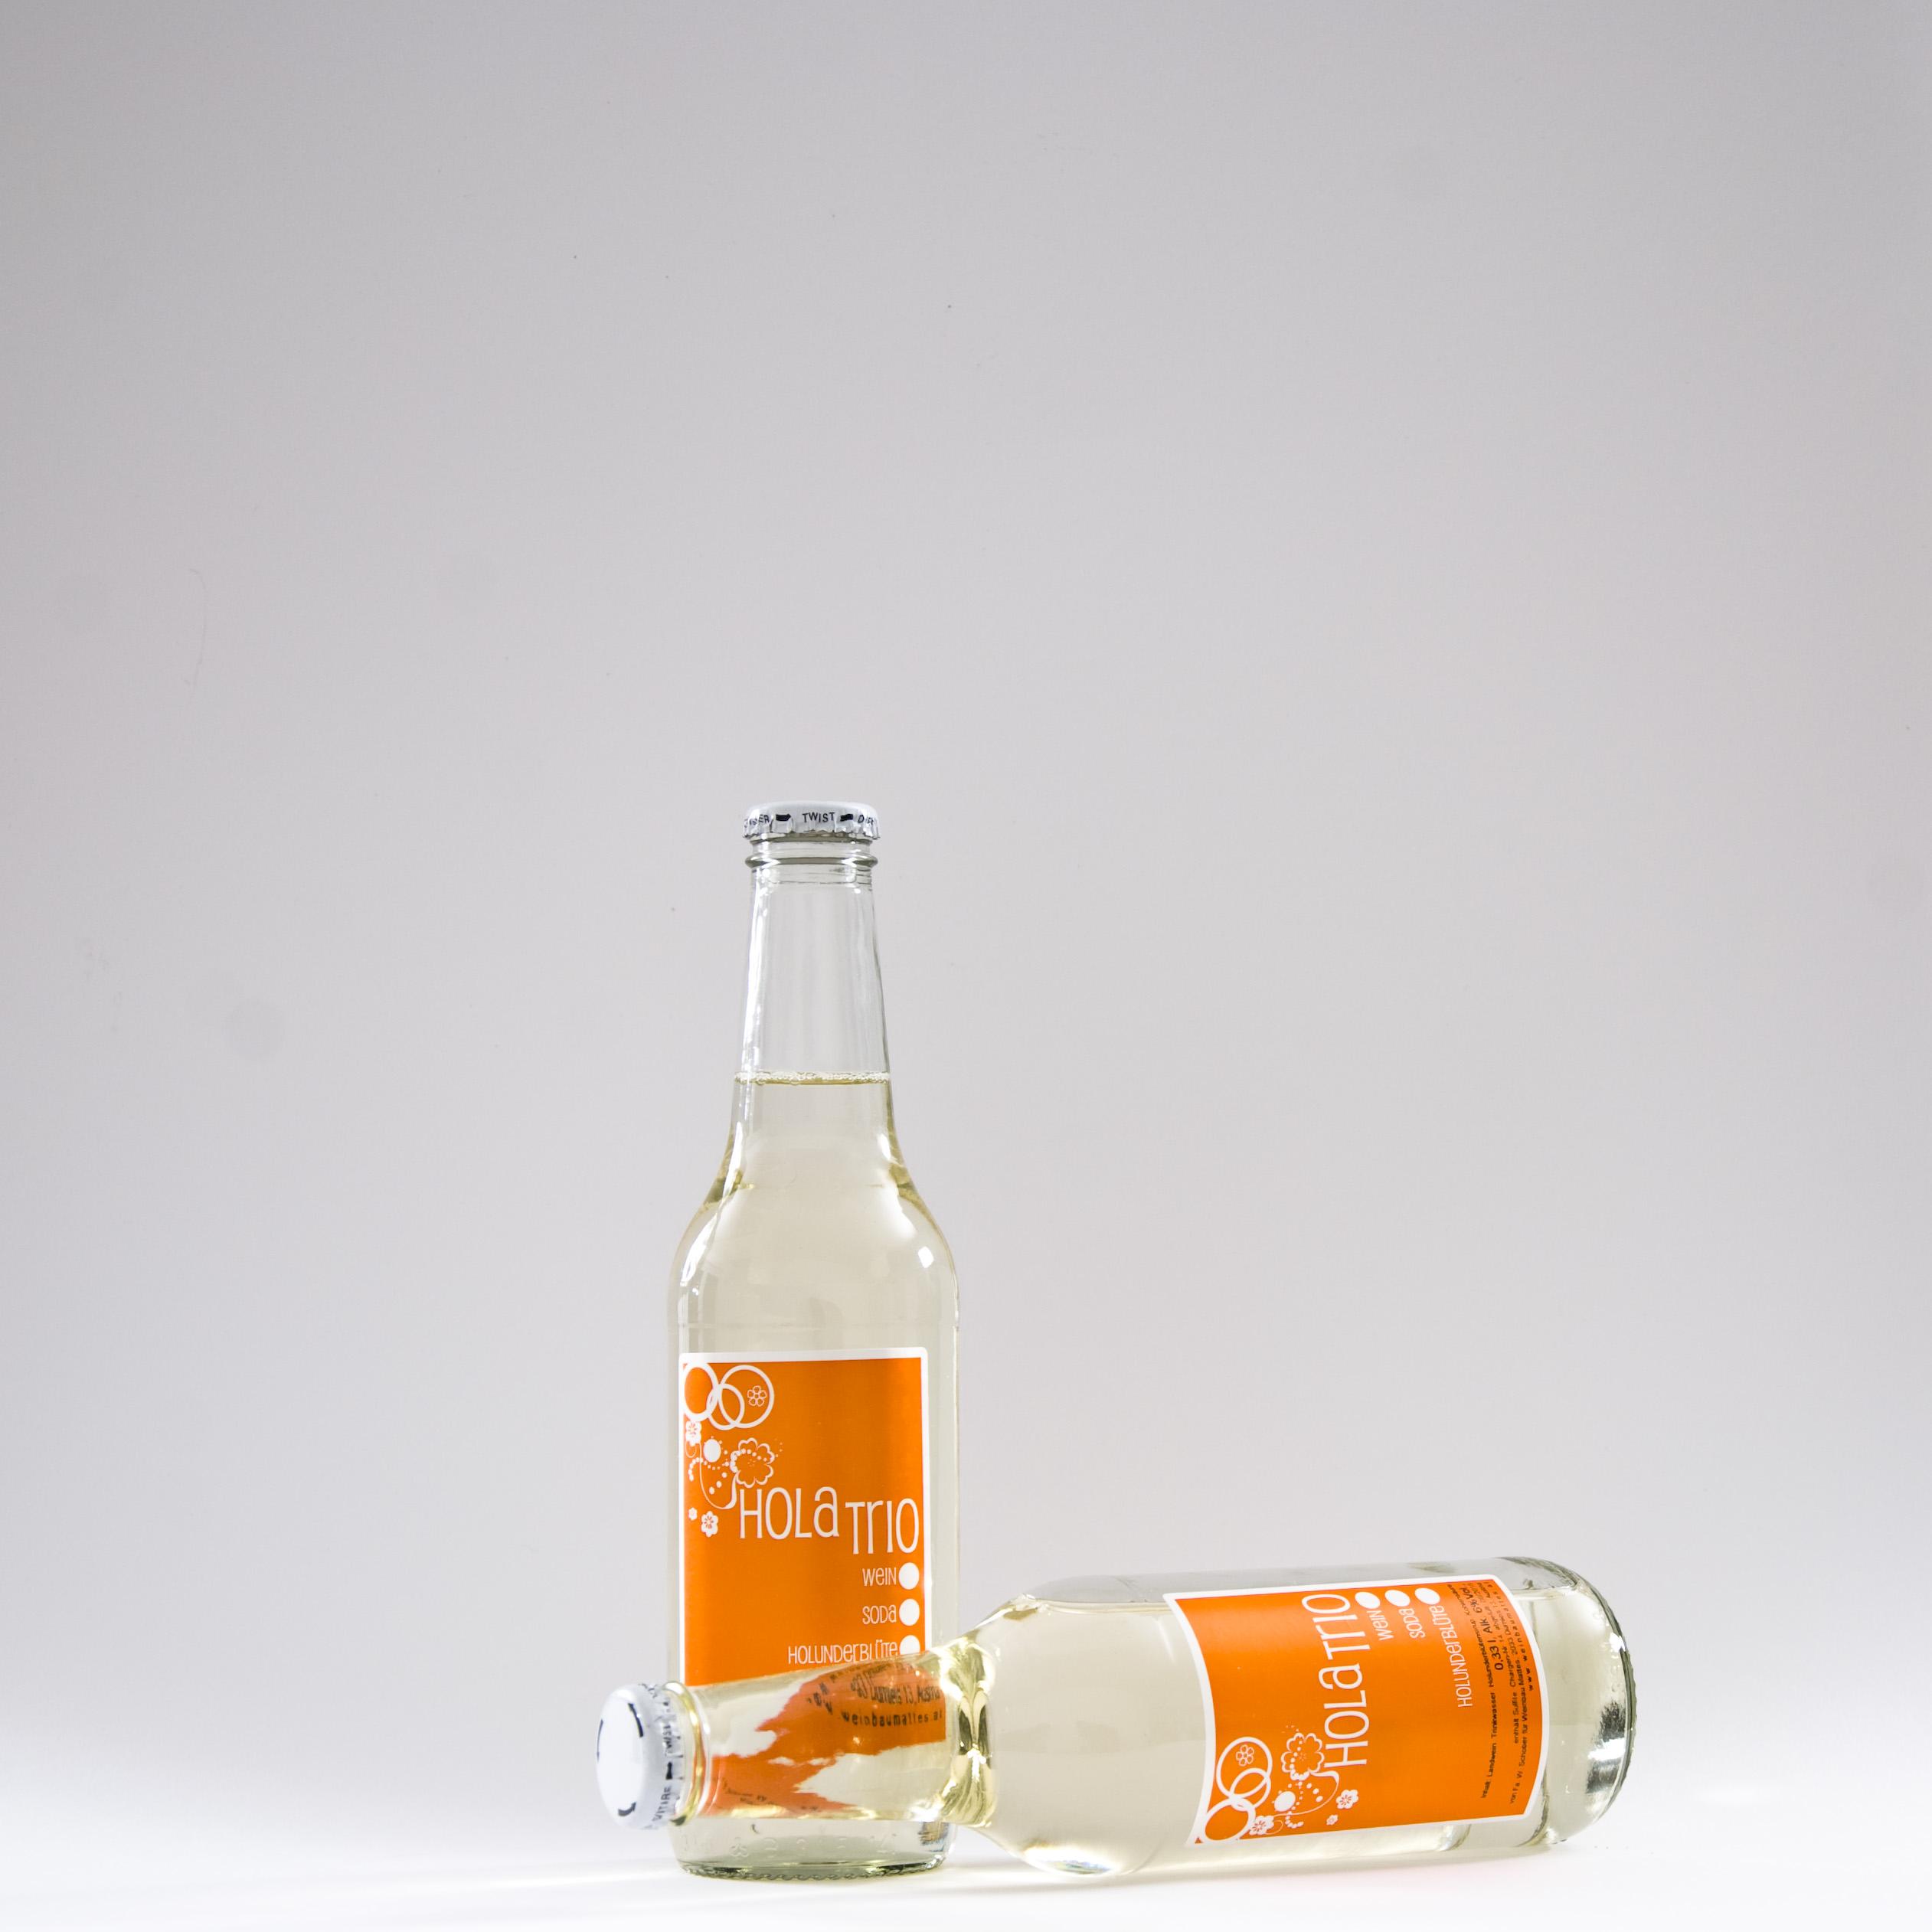 HolaTRIO Wein.Wasser.Holunderblüte Weingut Mattes